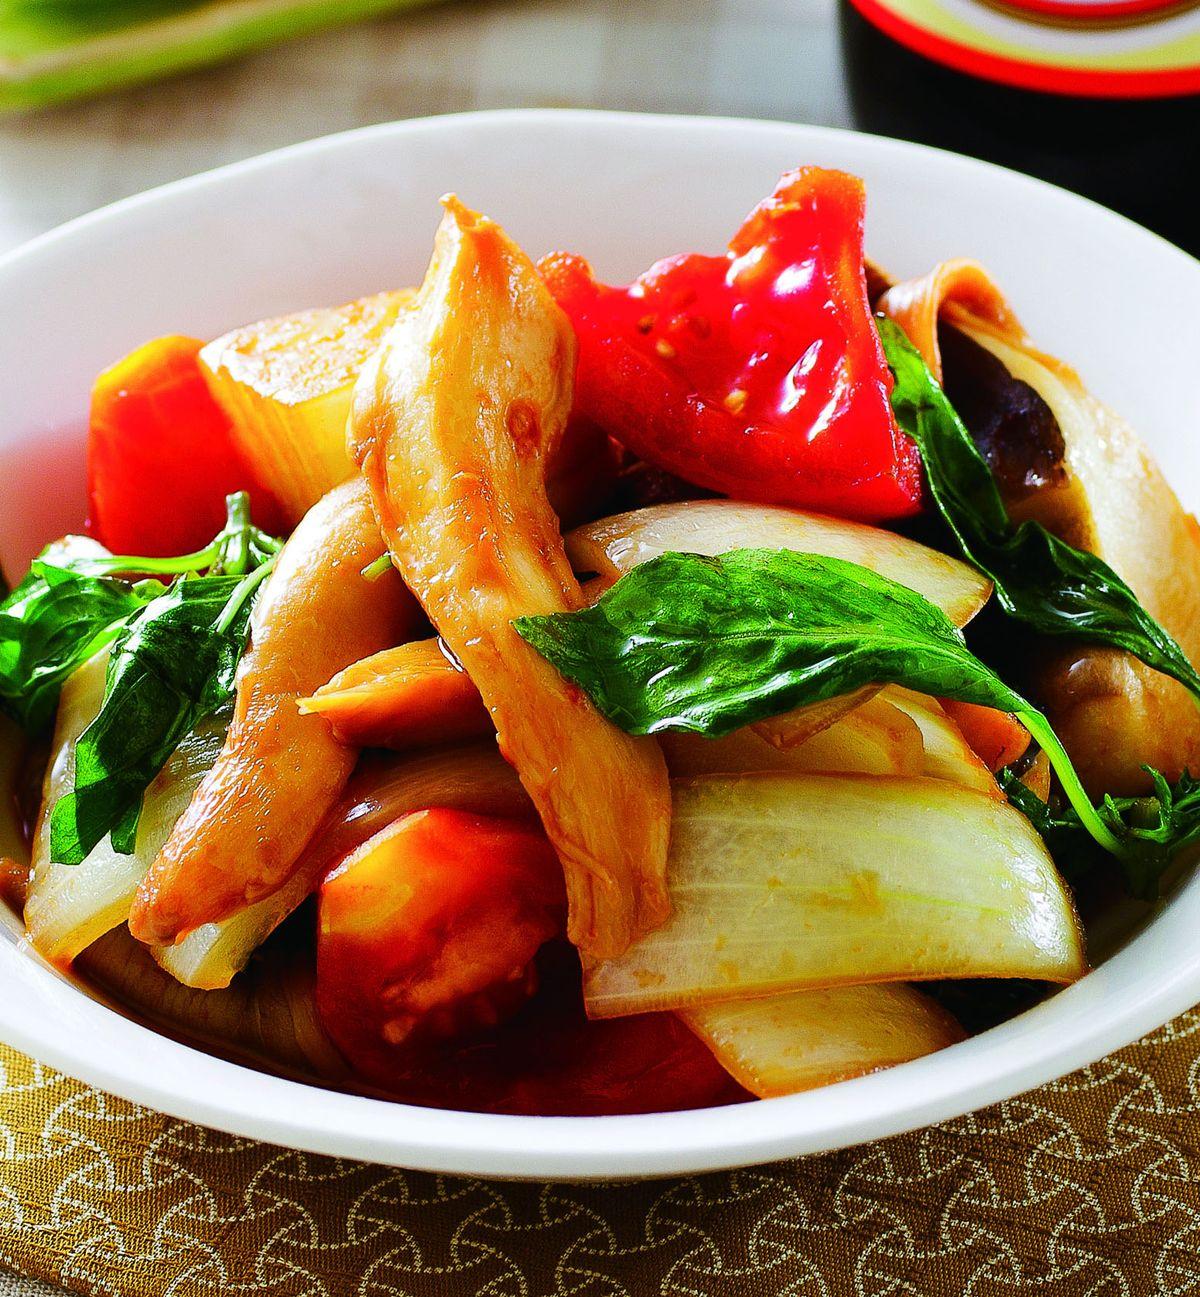 食譜:塔香鮮菇燒蕃茄